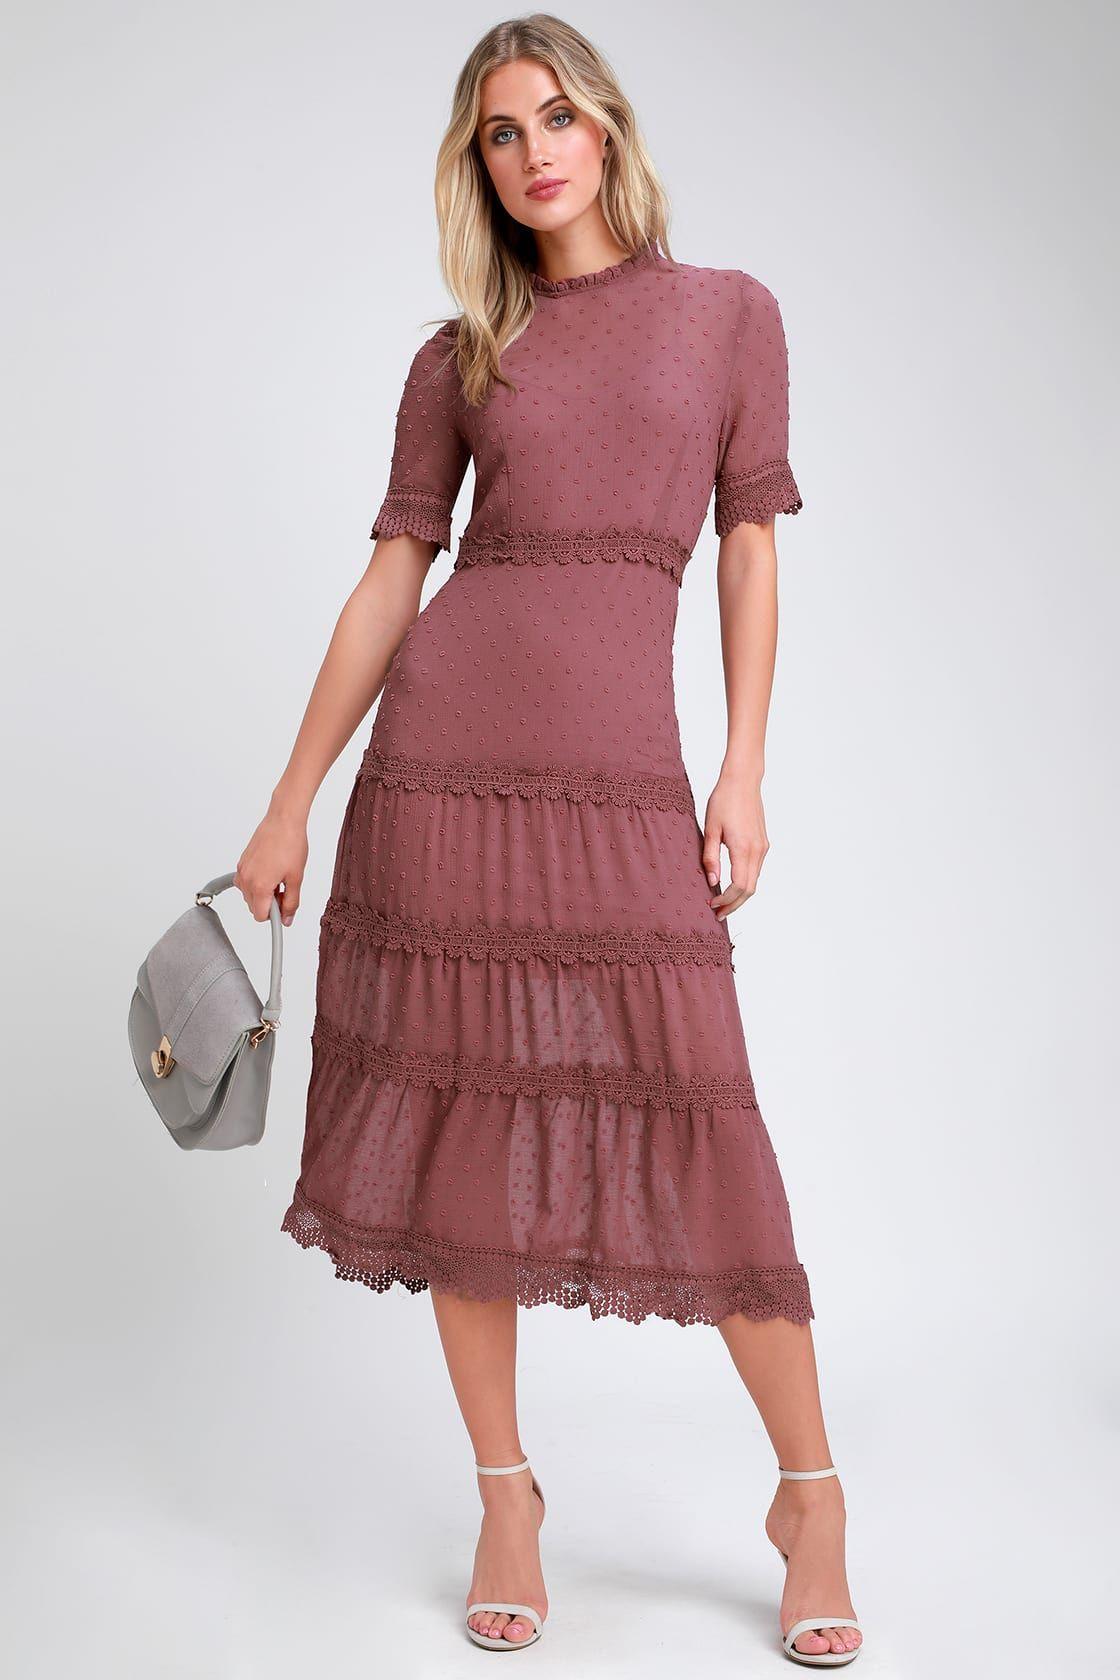 Pin On Dress [ 1680 x 1120 Pixel ]